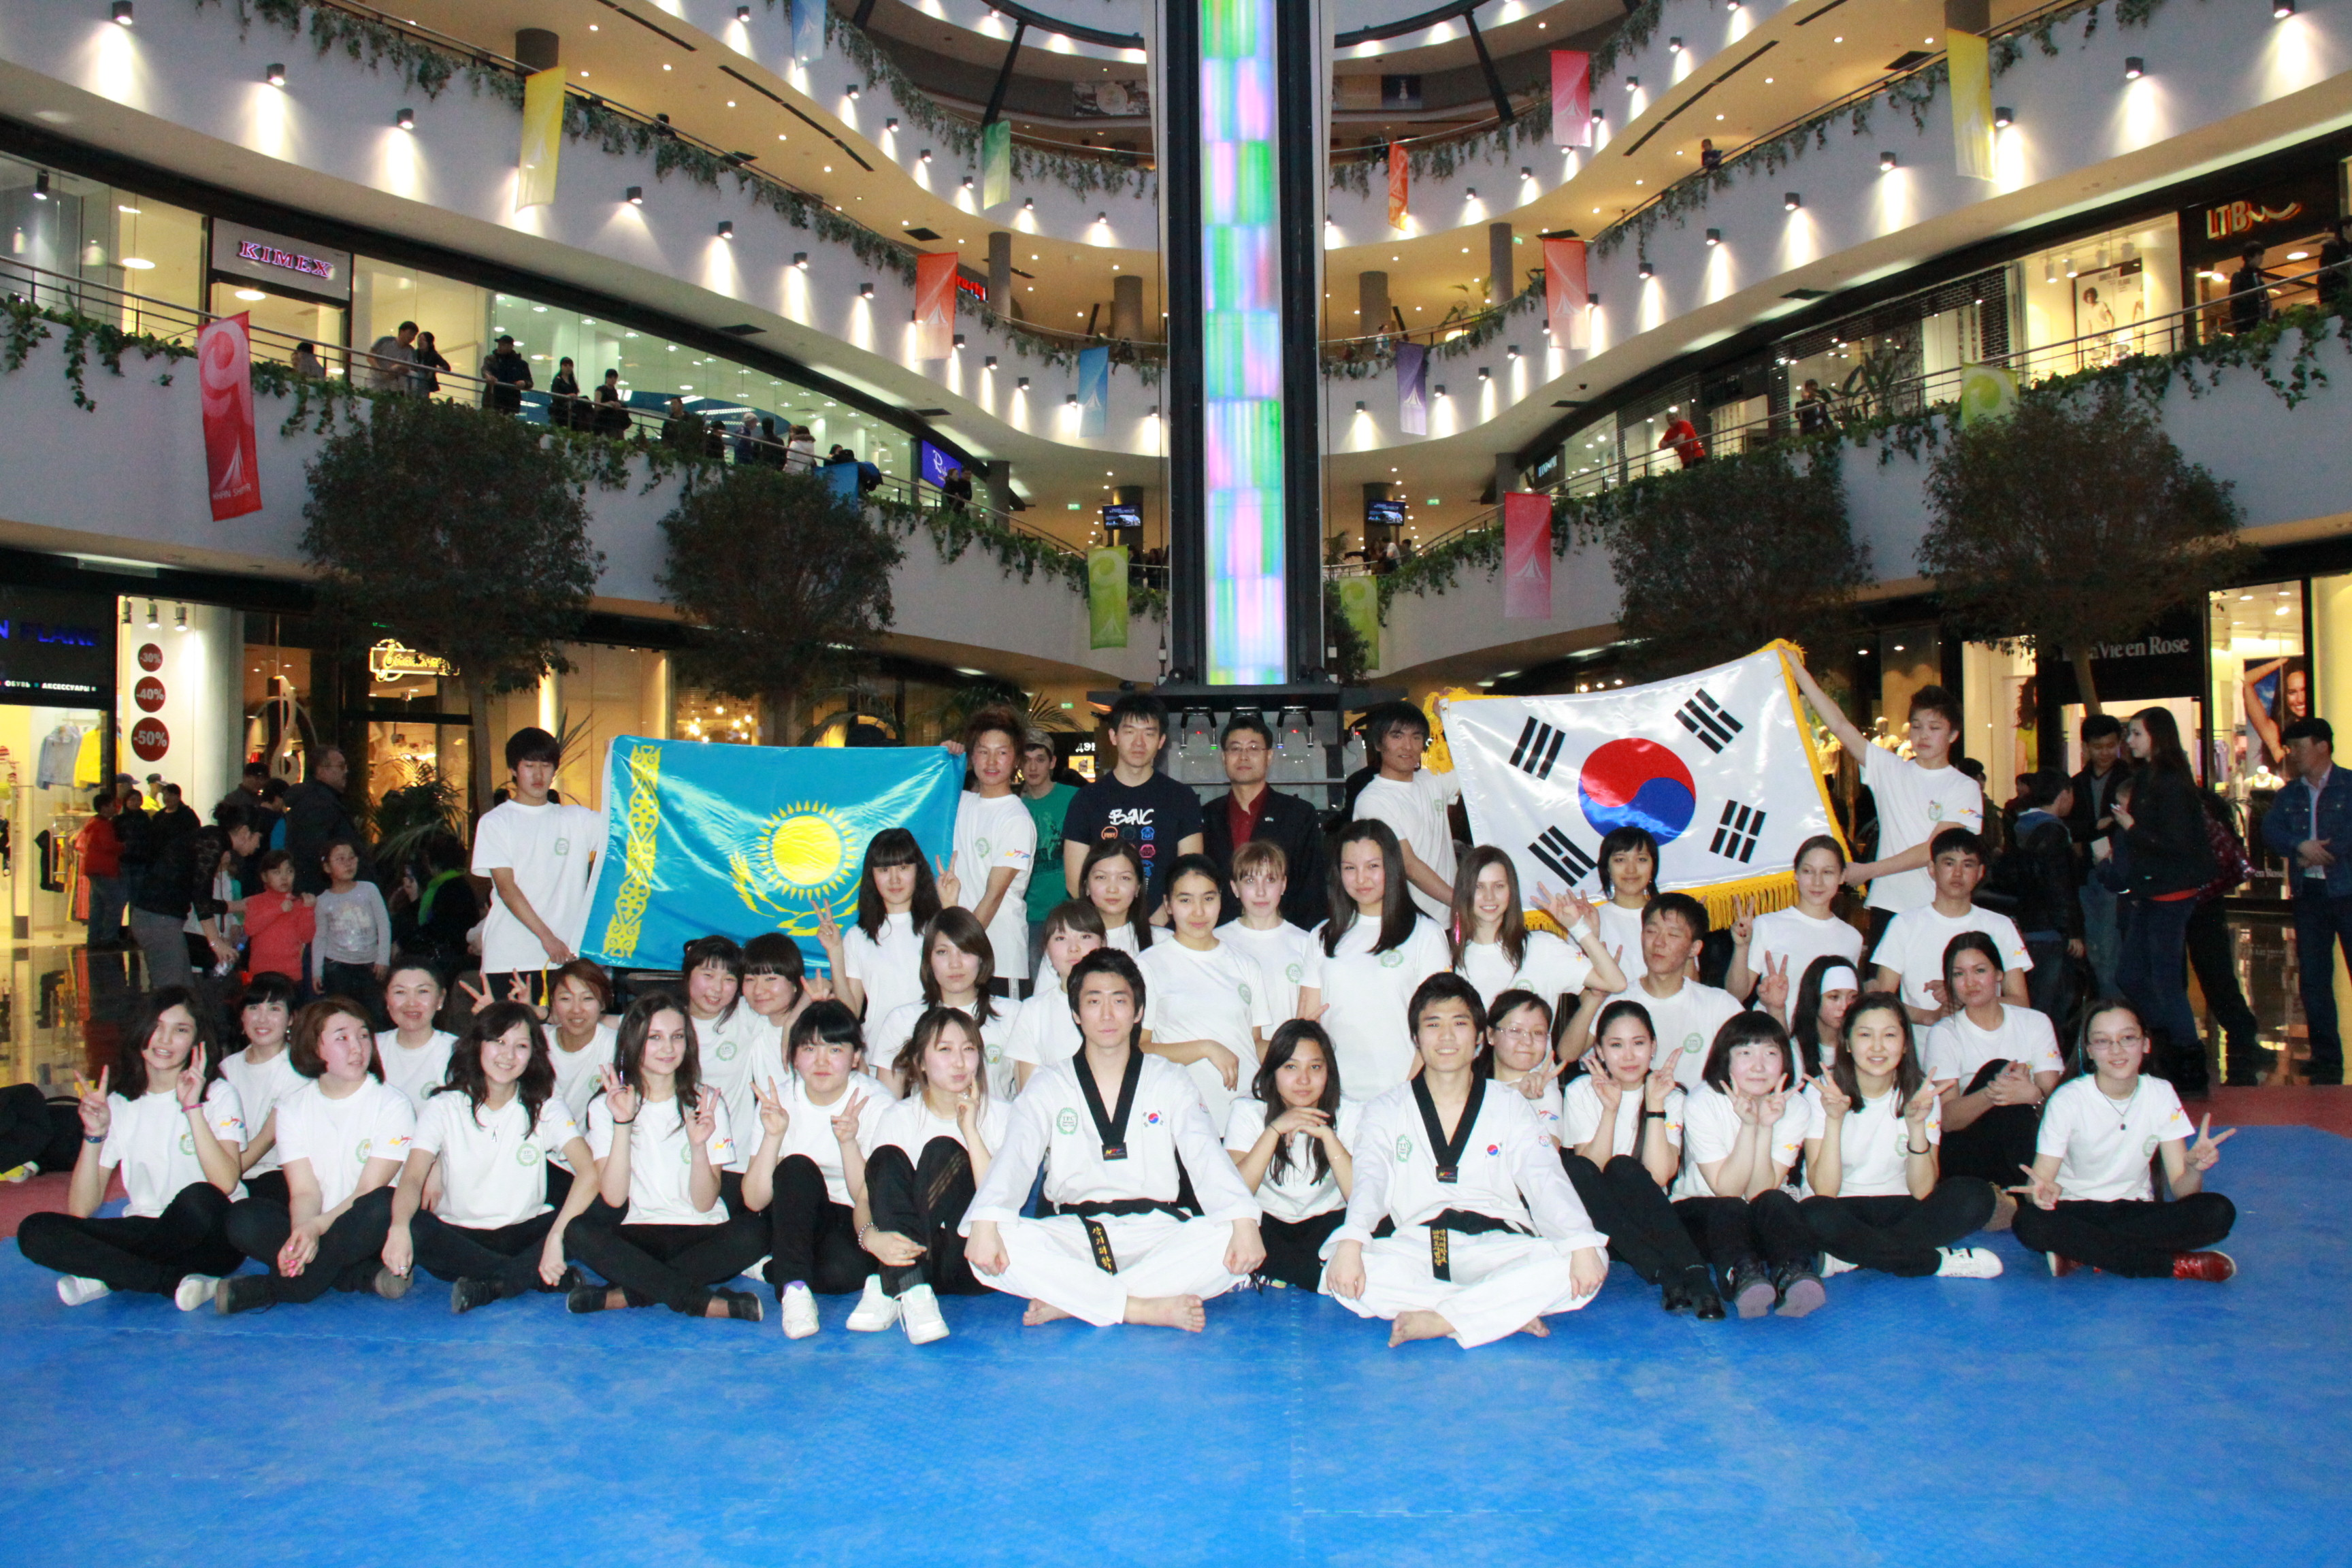 filekocis korean culture in kazakhstan 6793845128jpg